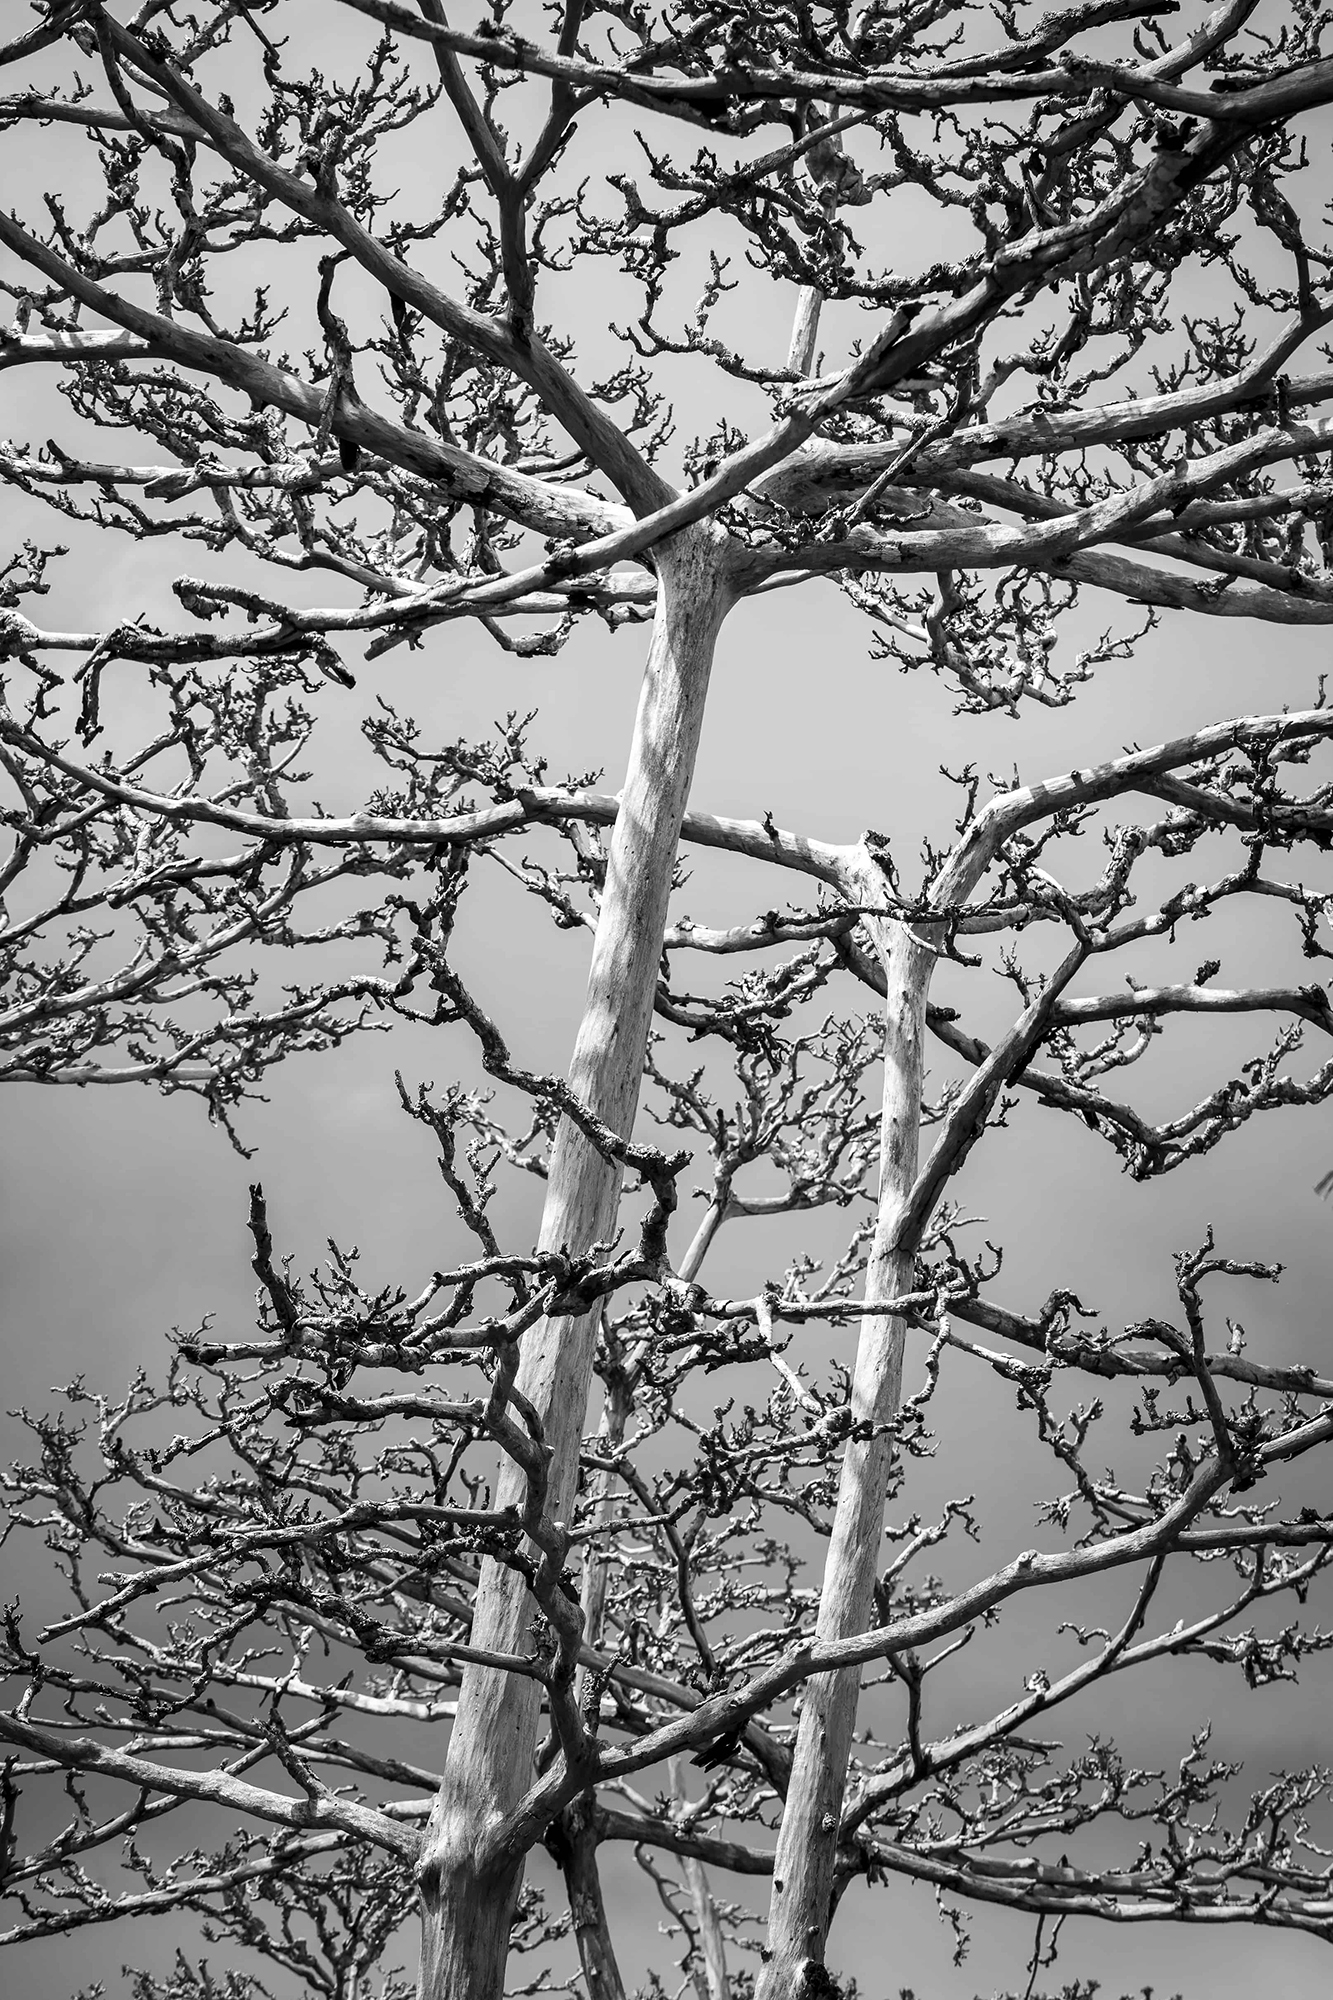 zanzibar arbres morts noir et blanc